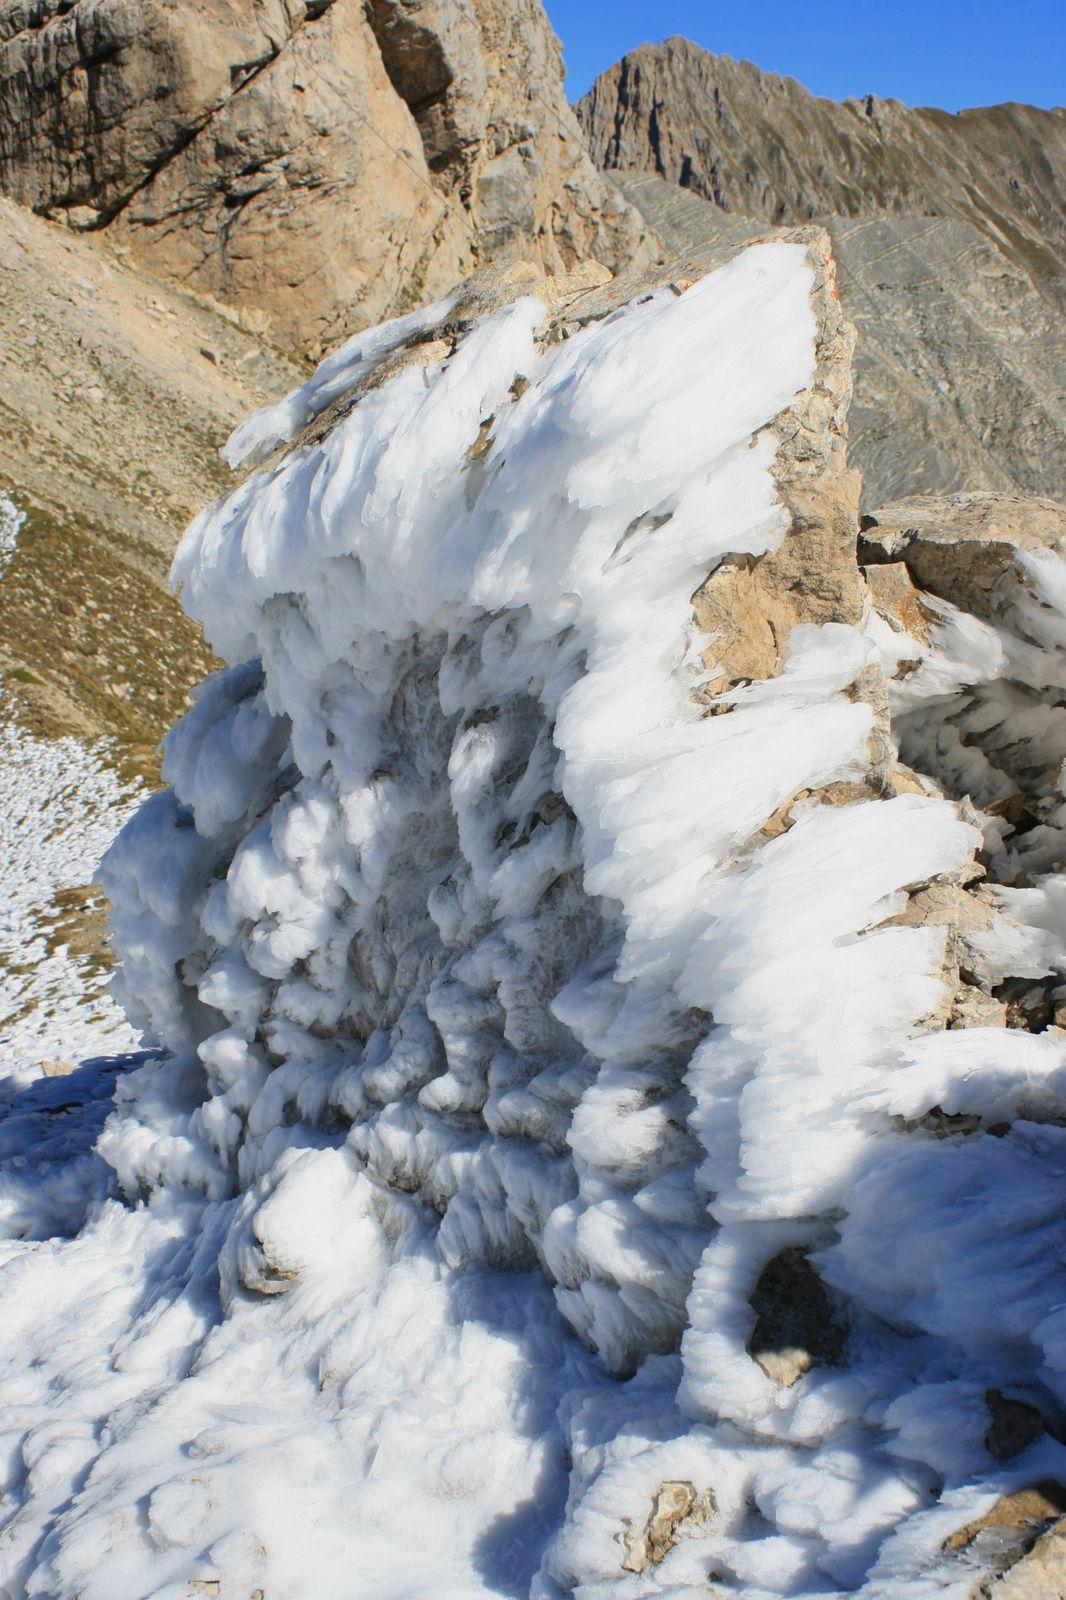 """""""L'éphémère améthyste"""". Ce jour-là, au Col m'attendait un spectacle de roches et de glace hors du commun, dans un ciel intensement bleu, le bleu profond de septembre."""